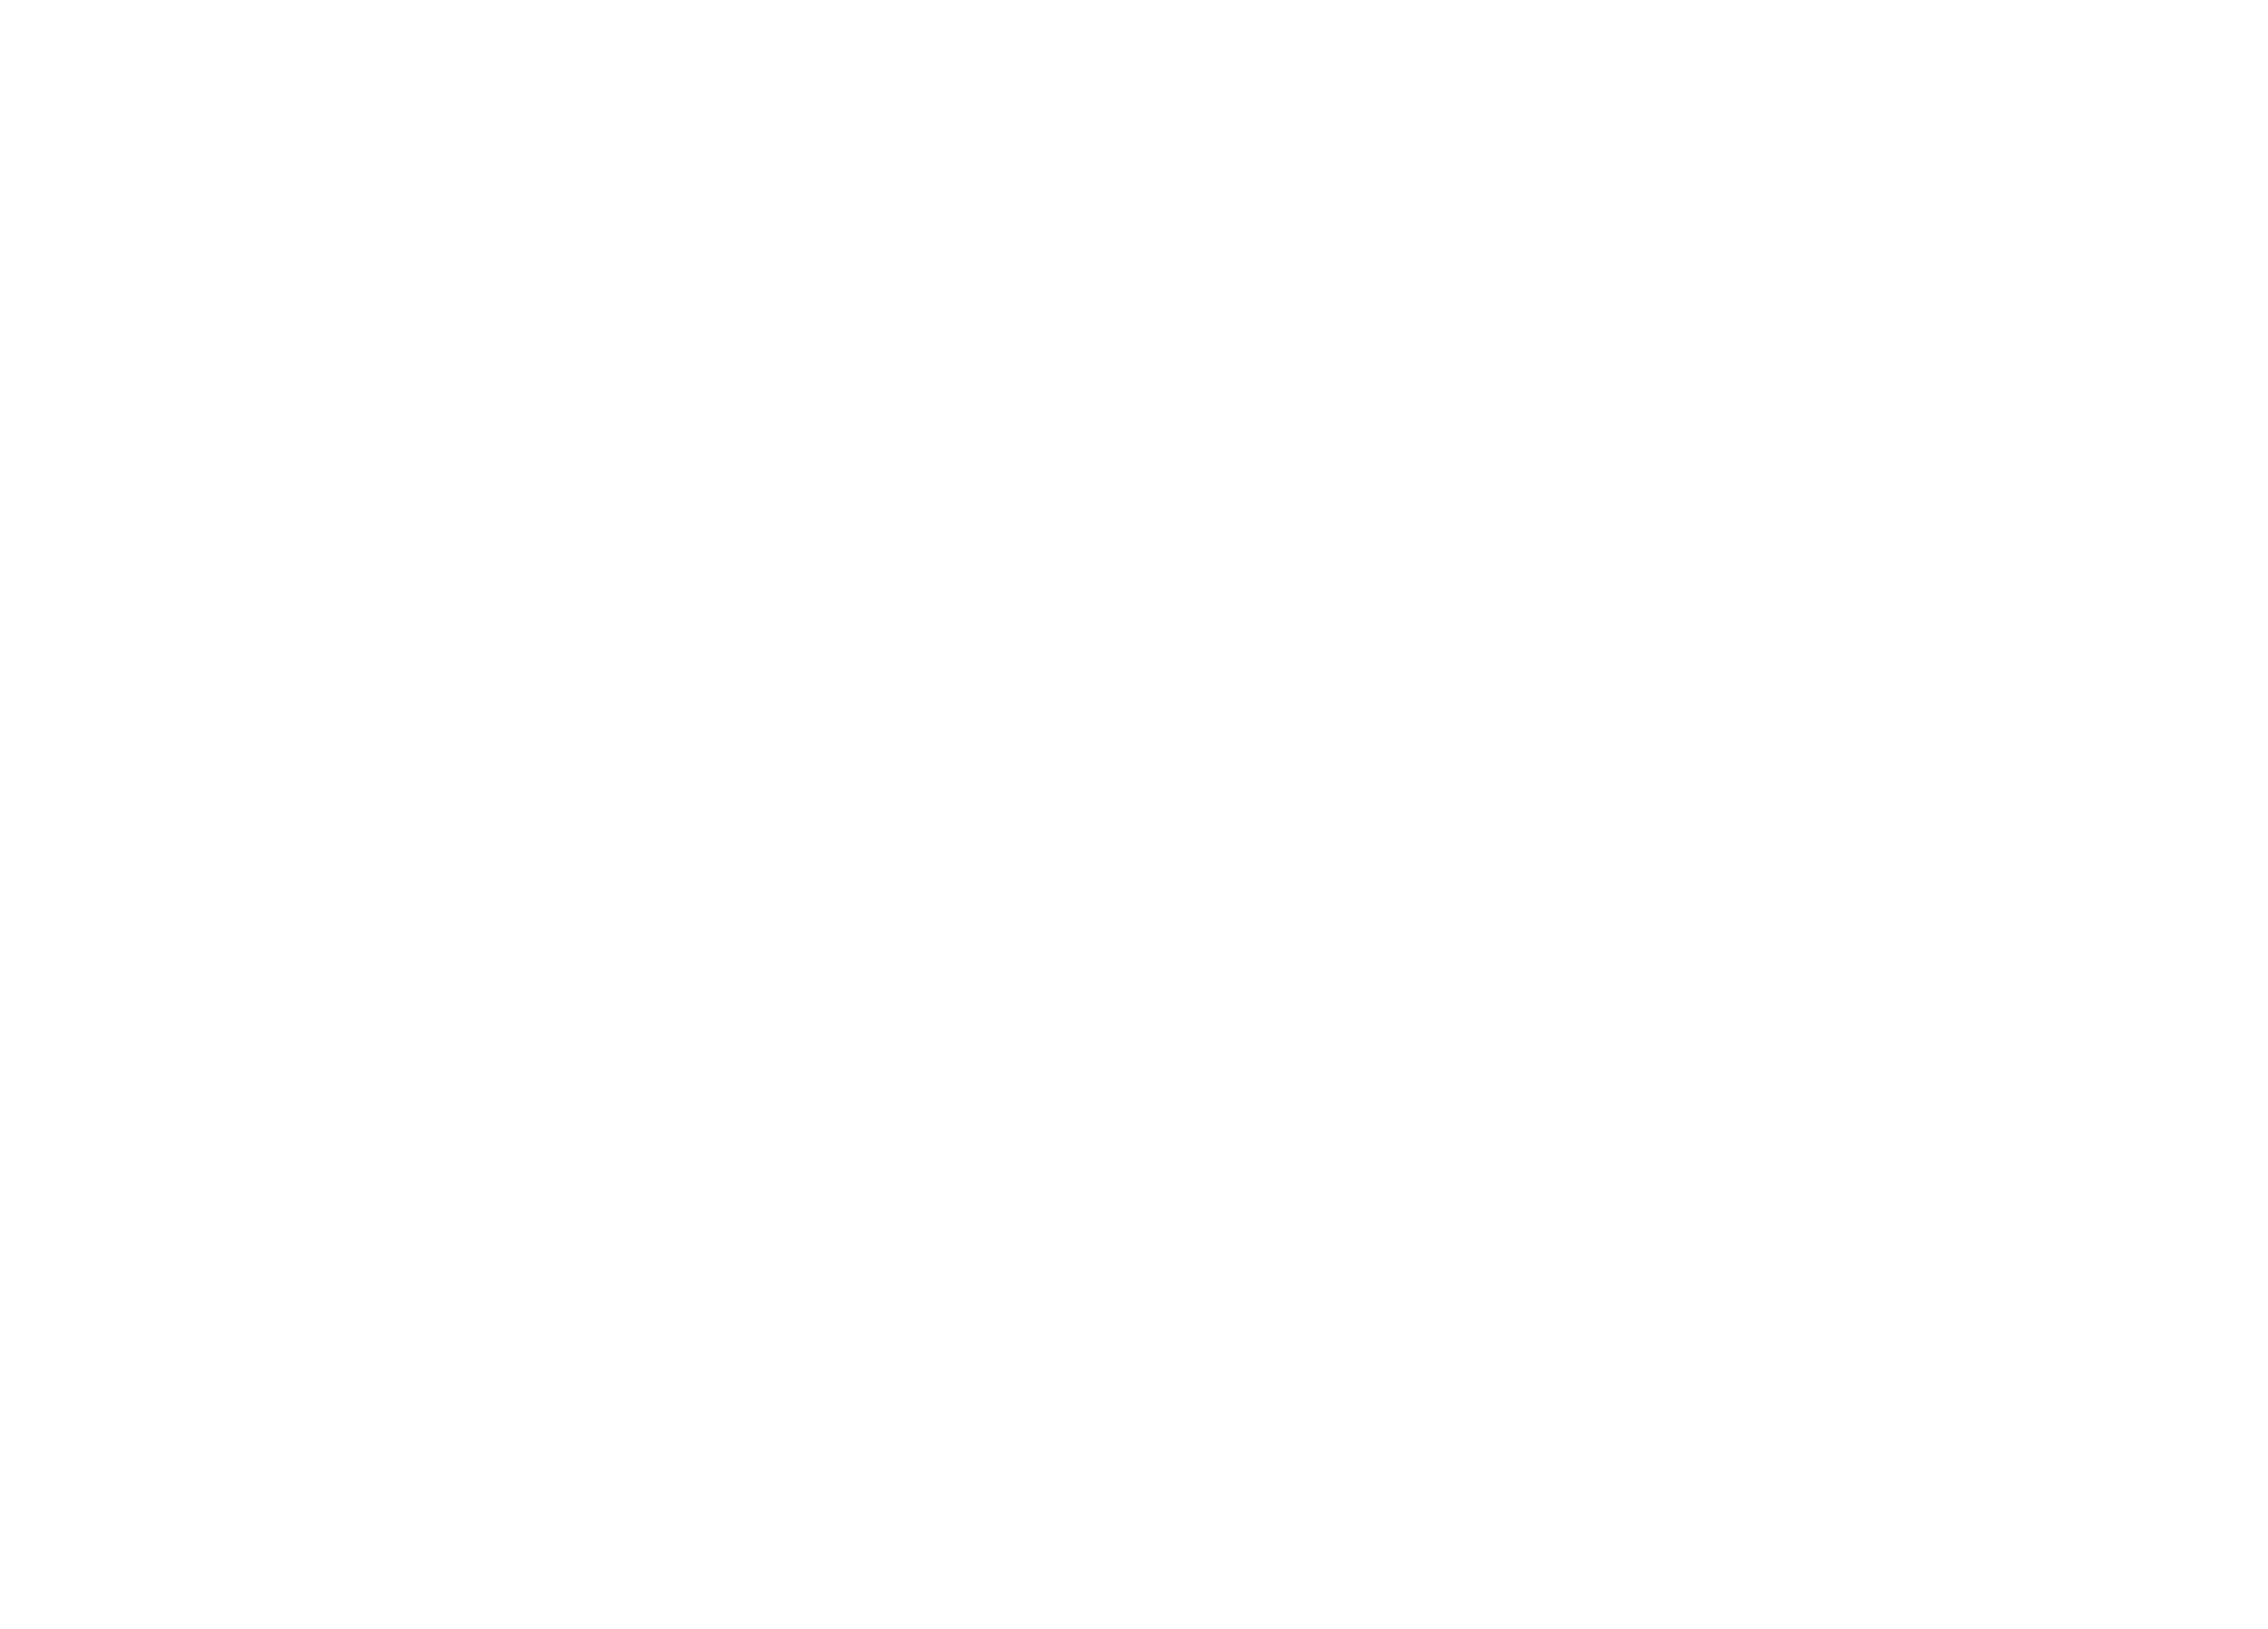 Perigny